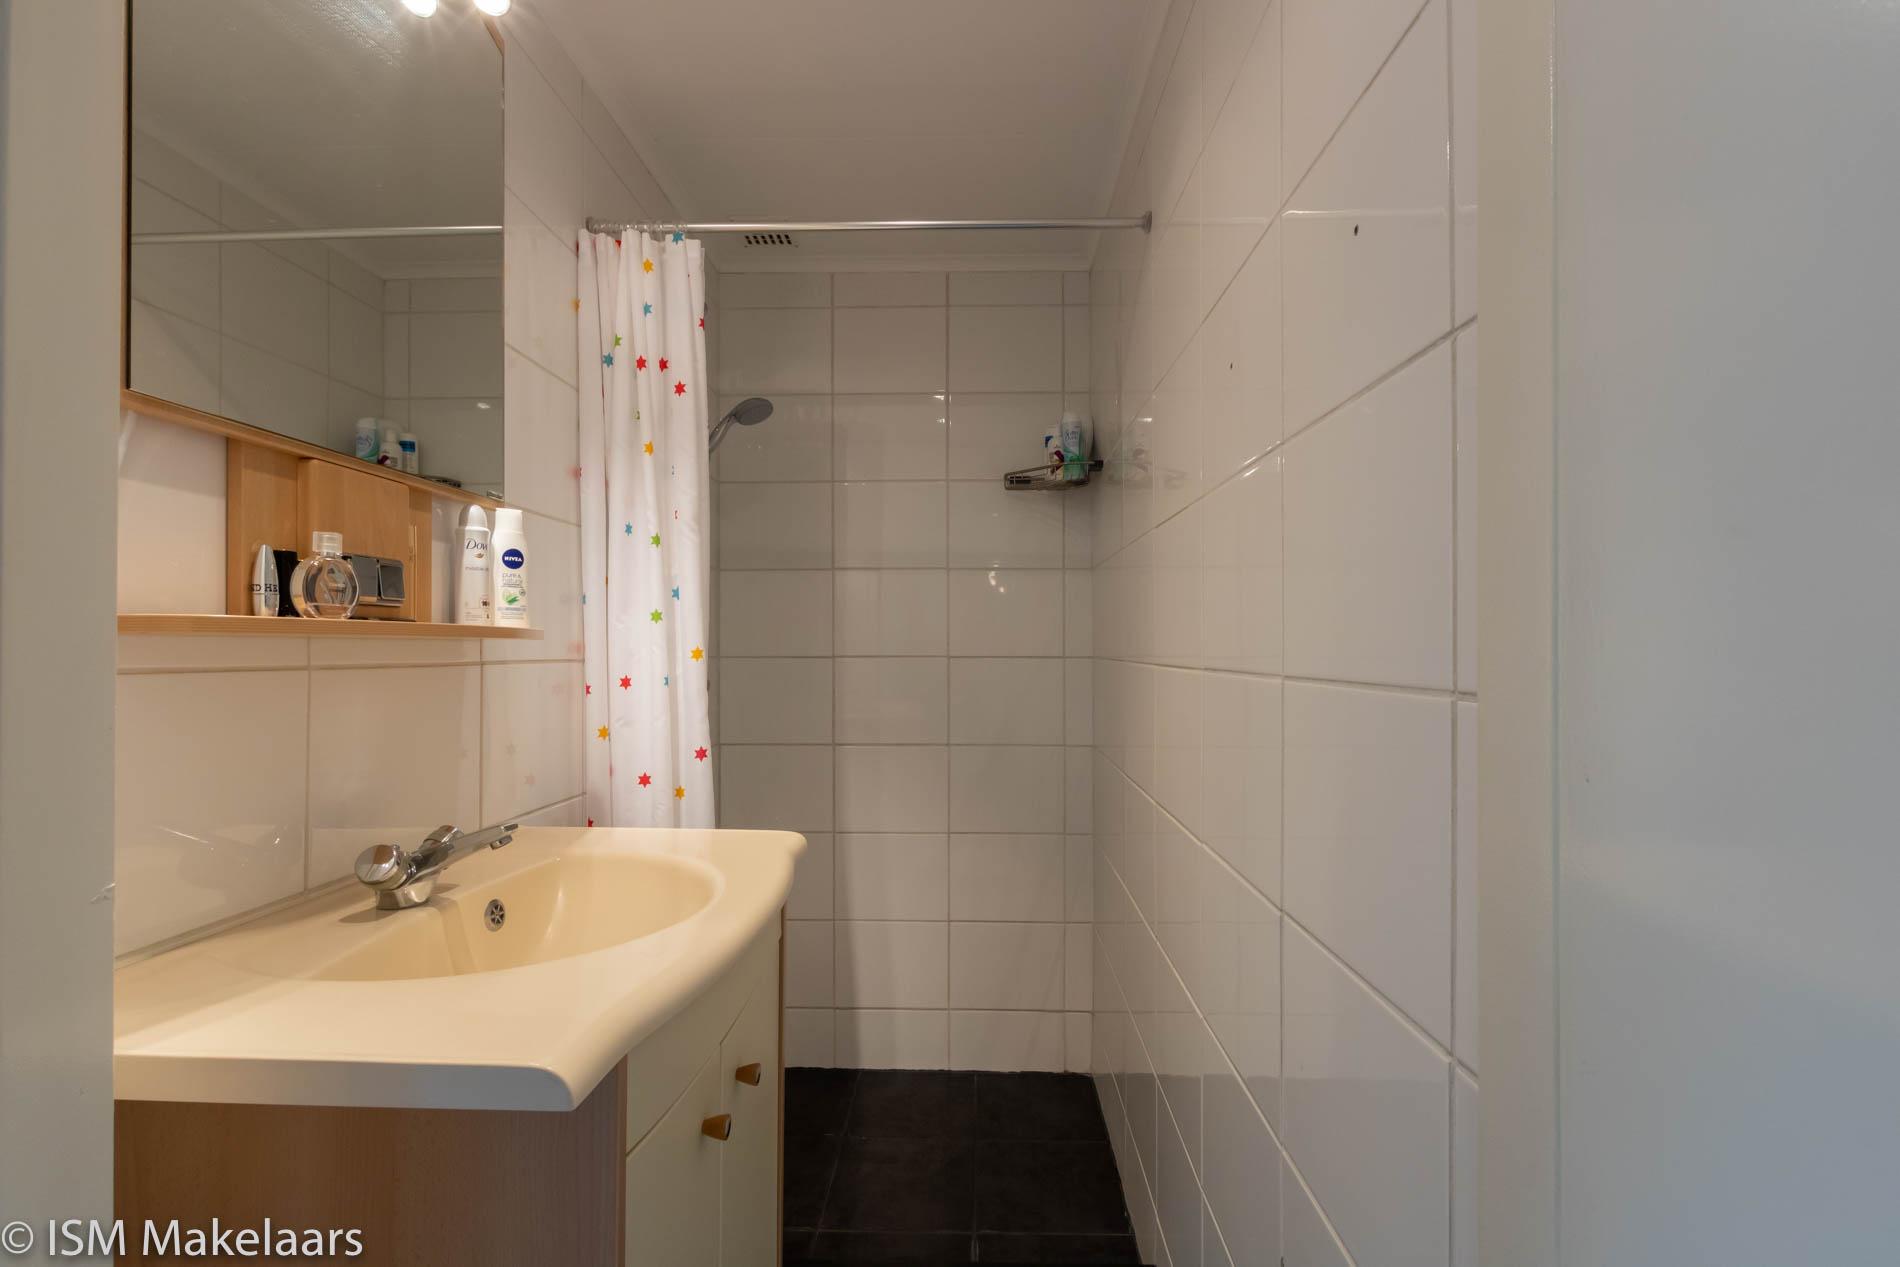 badkamer jp boreelstraat 42 middelburg ism makelaars